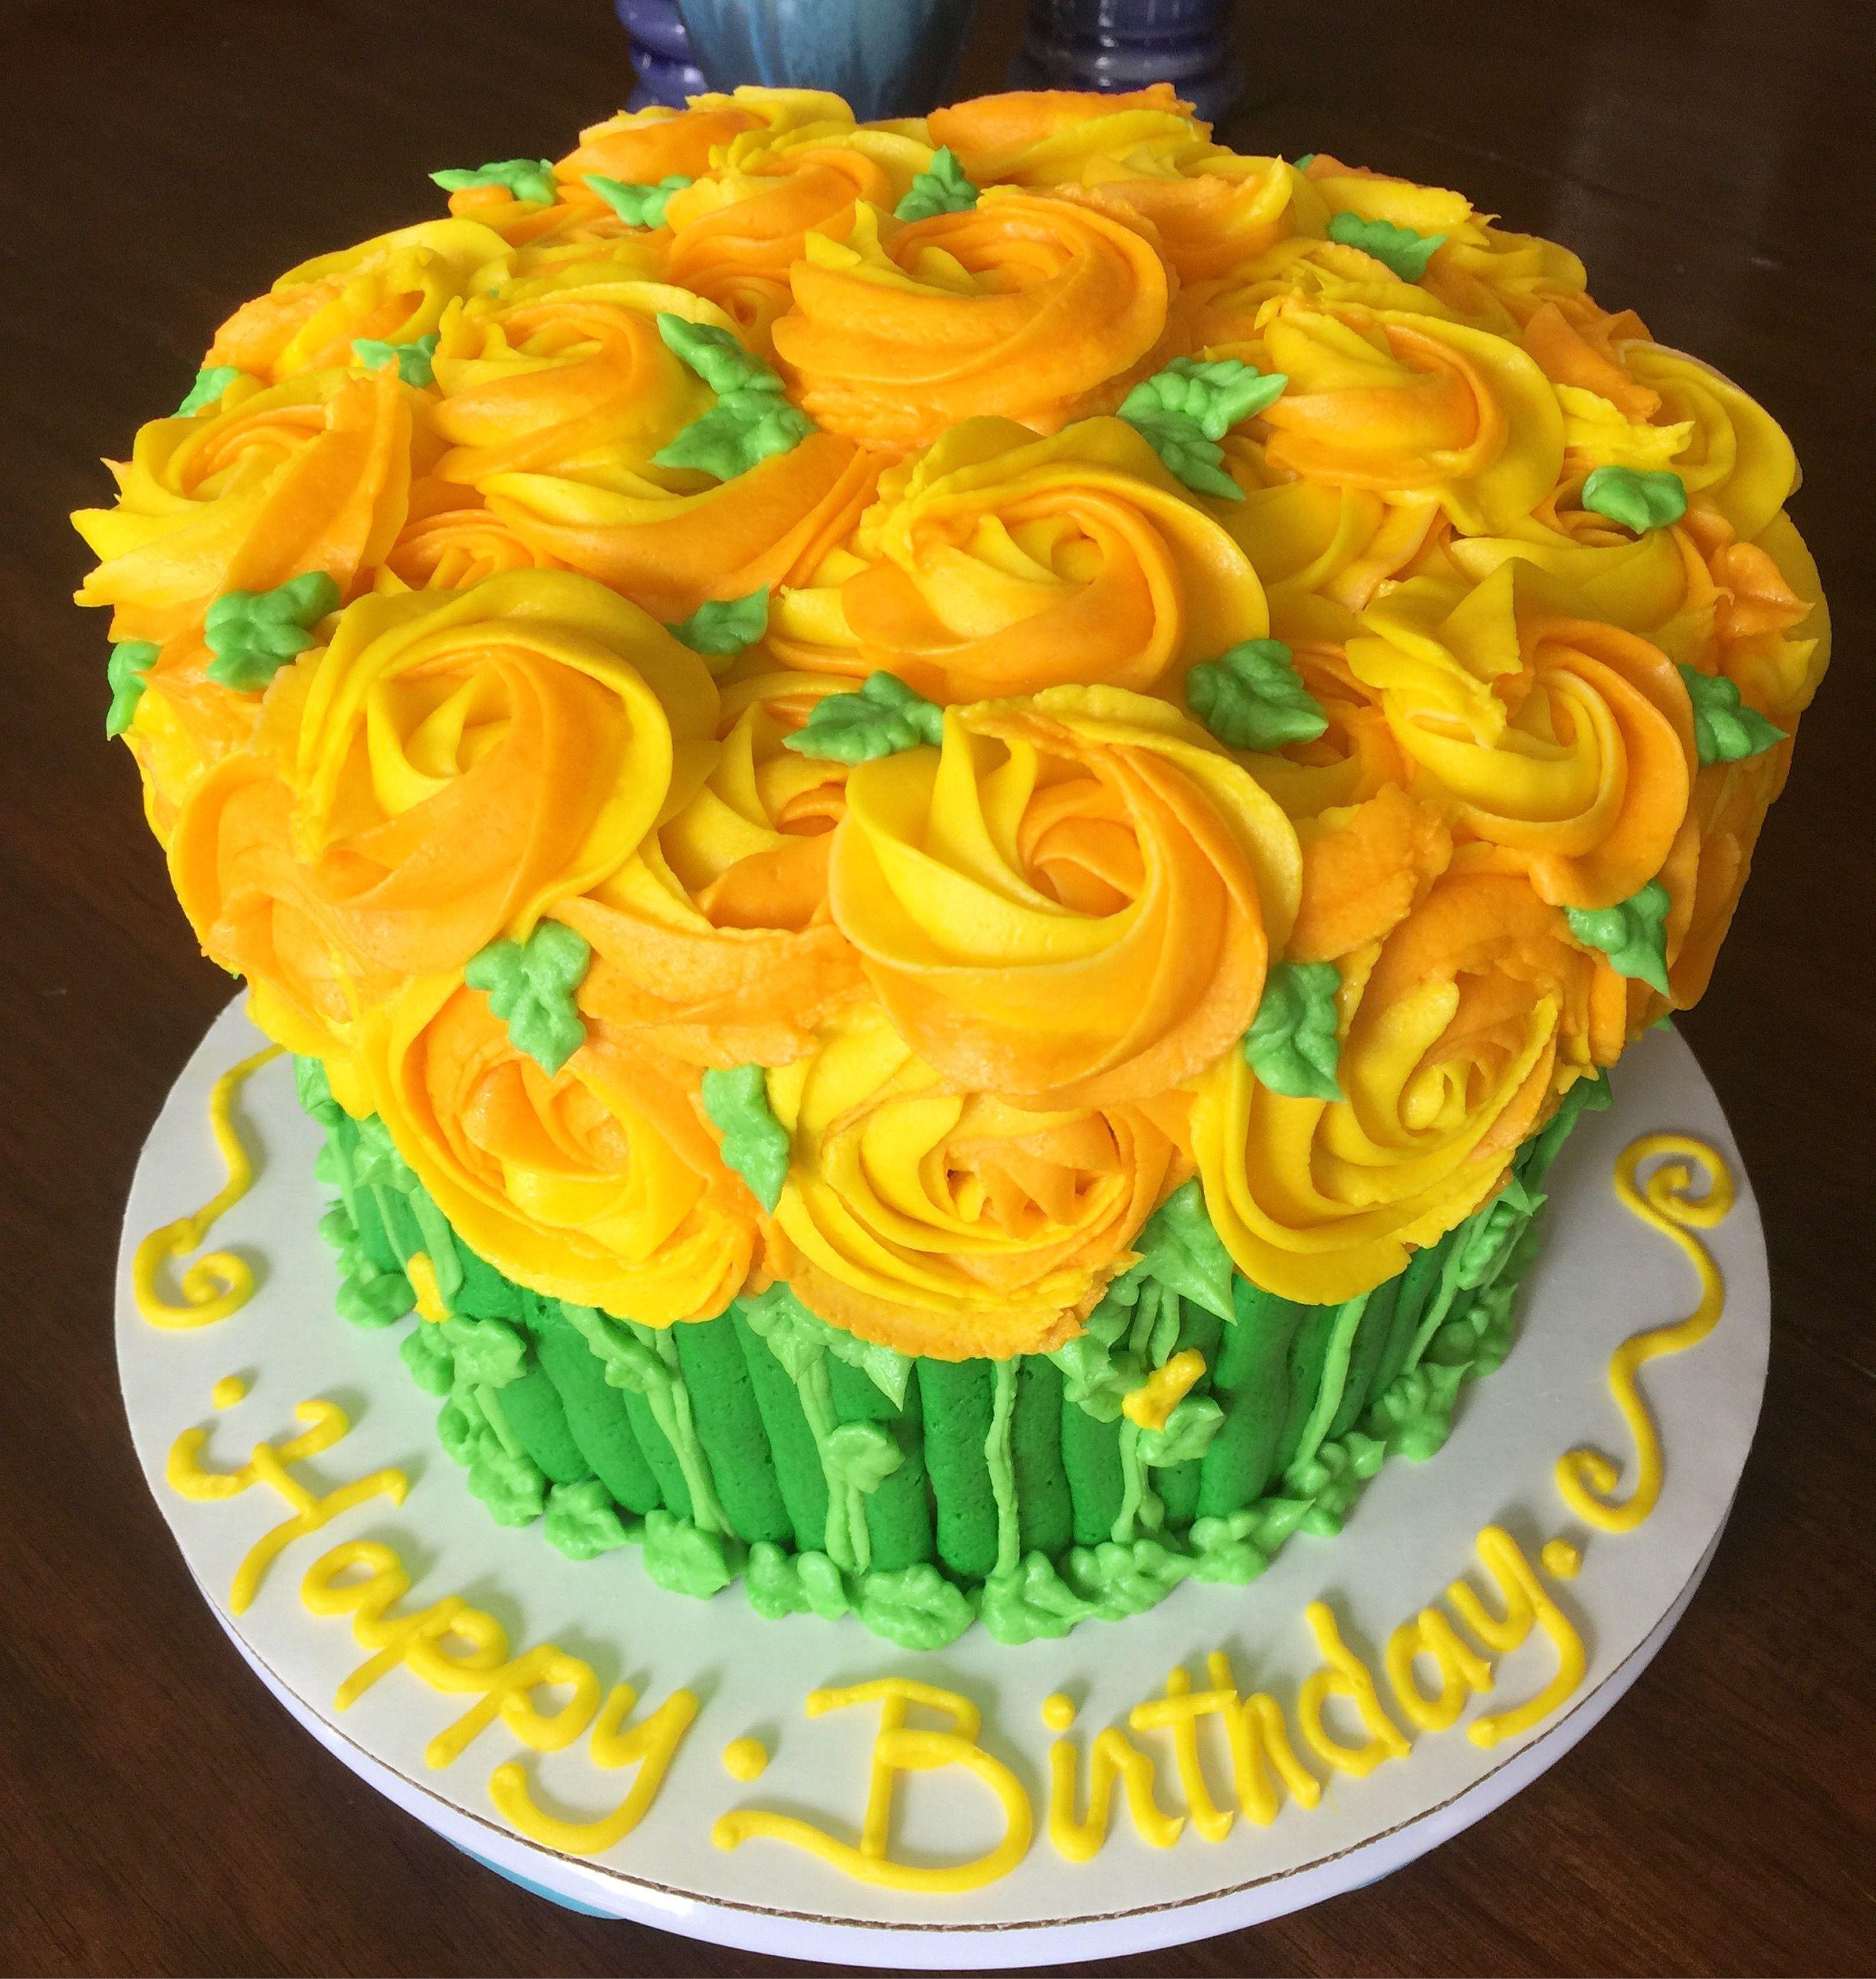 Yellow roses cake | Rose cake, Cake, Buttercream icing